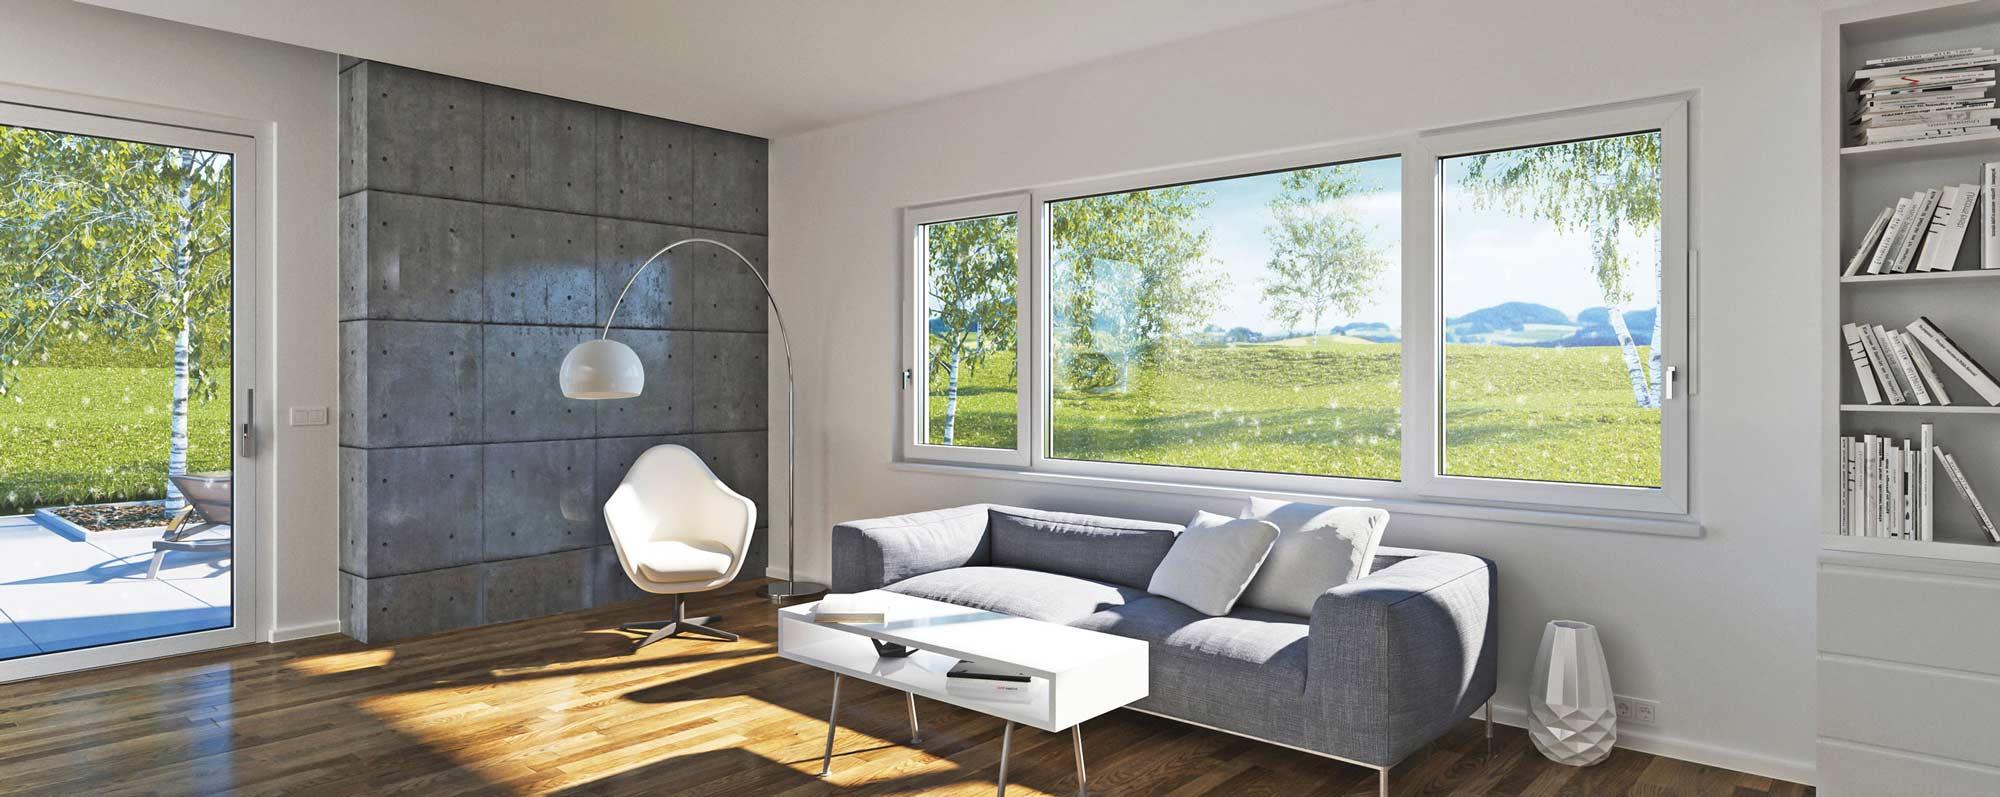 Installation de fenêtres et portes sur mesure pour vos habitations et commerce